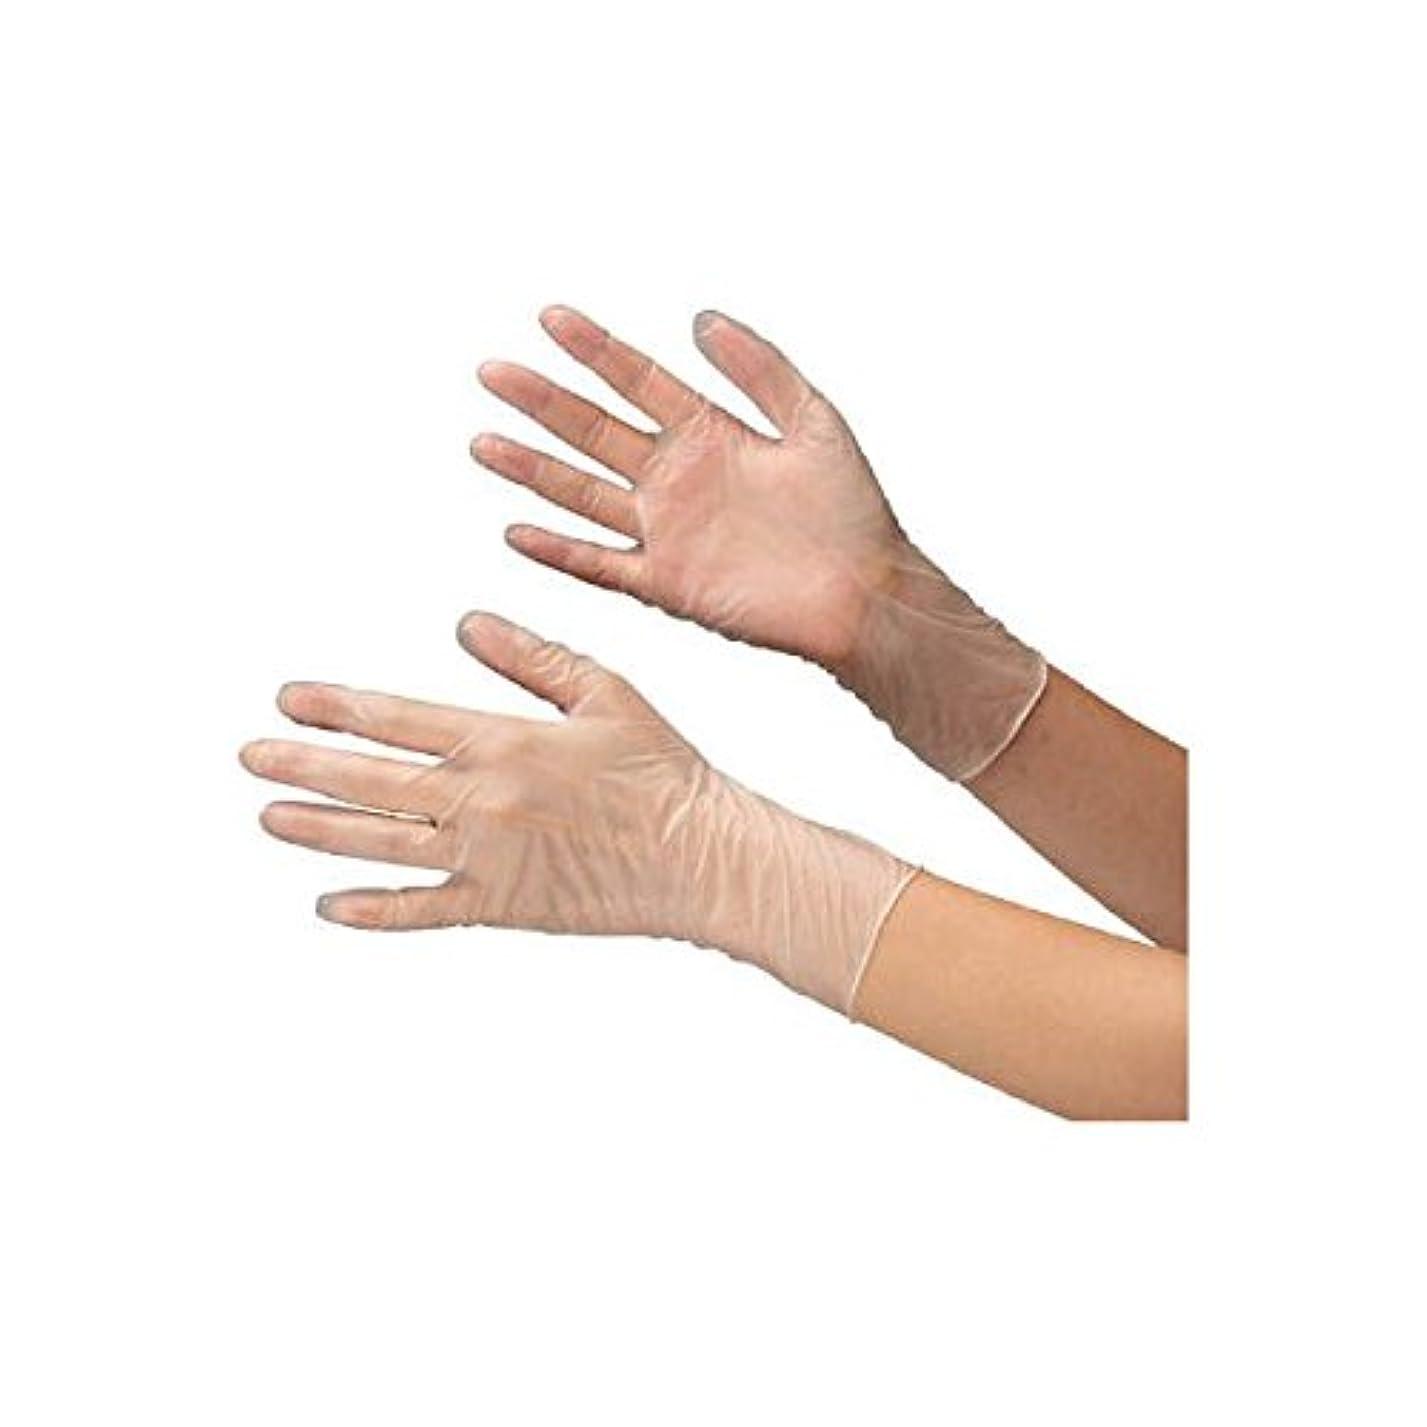 二ゴミ箱を空にするファイアルミドリ安全/ミドリ安全 塩化ビニール製 使い捨て手袋 粉なし 100枚入 M(3889327) VERTE-851-M [その他]